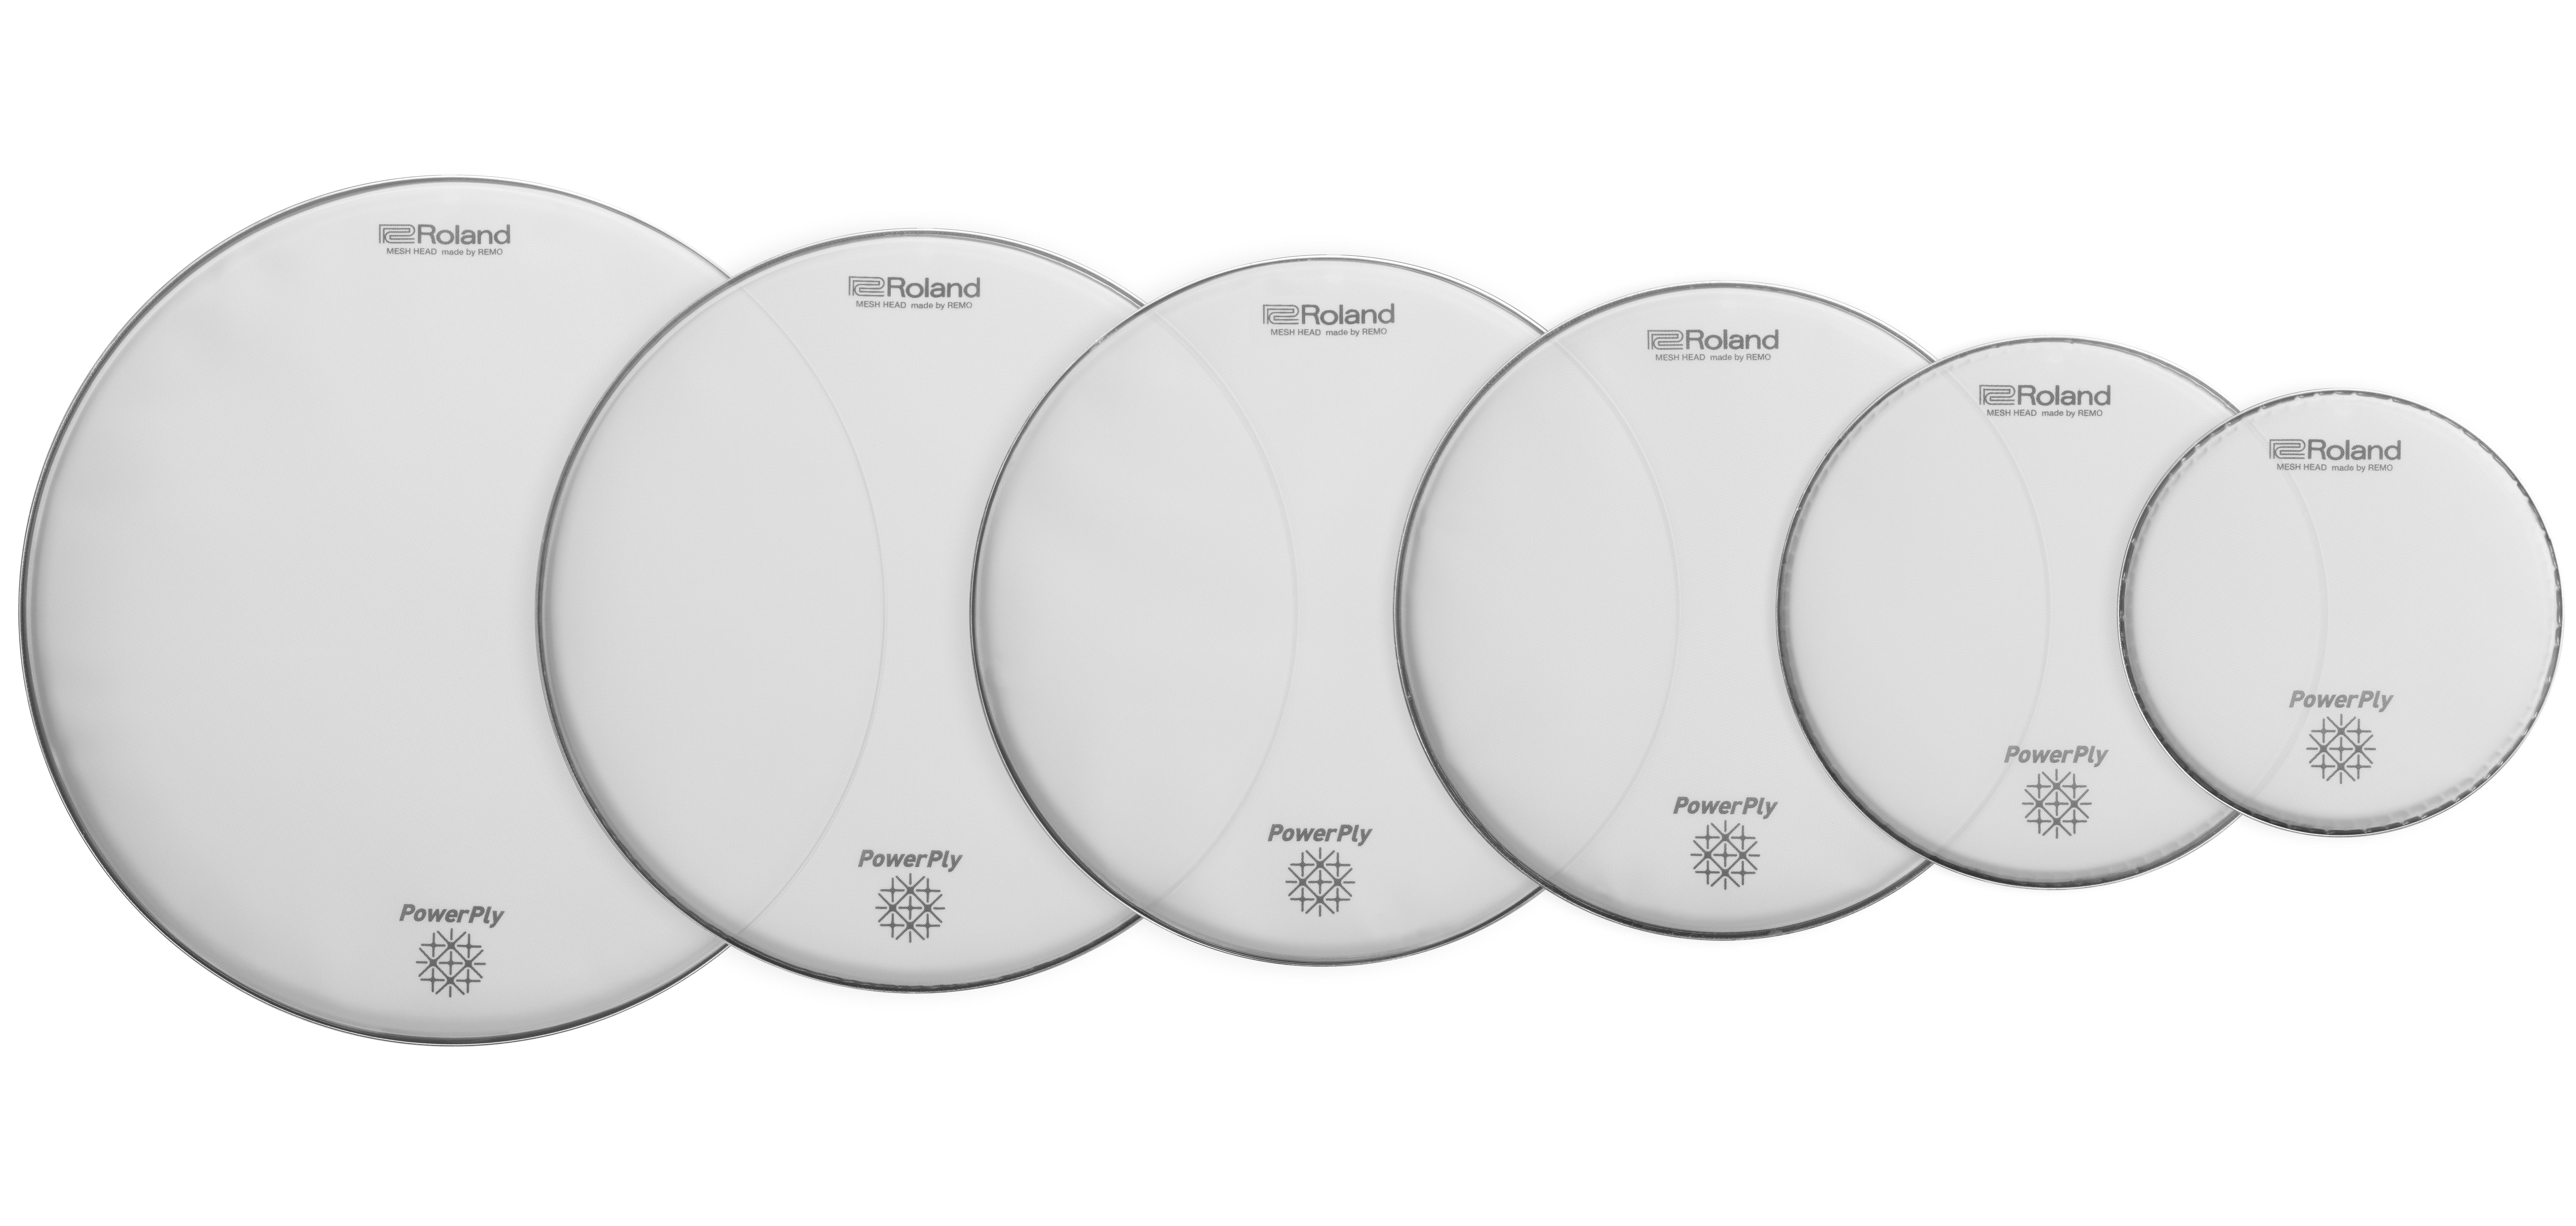 Batteries & Percussions - PEAUX - BATTERIE - ROLAND - MH2-13 - Royez Musik